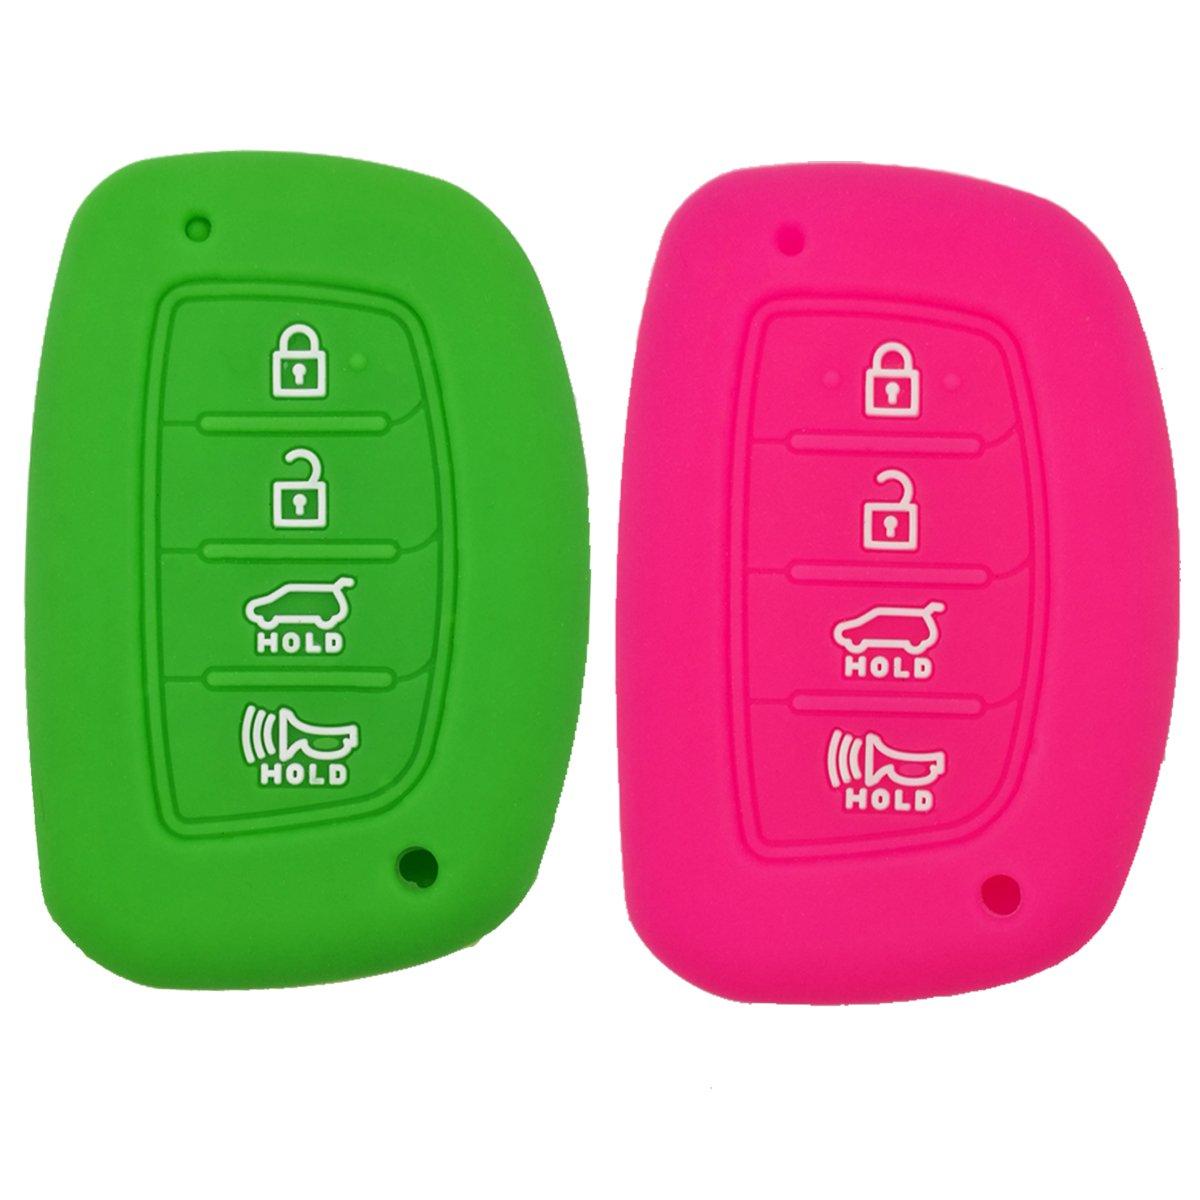 Amazon.com: Coolbestda - Funda de silicona para llave de ...